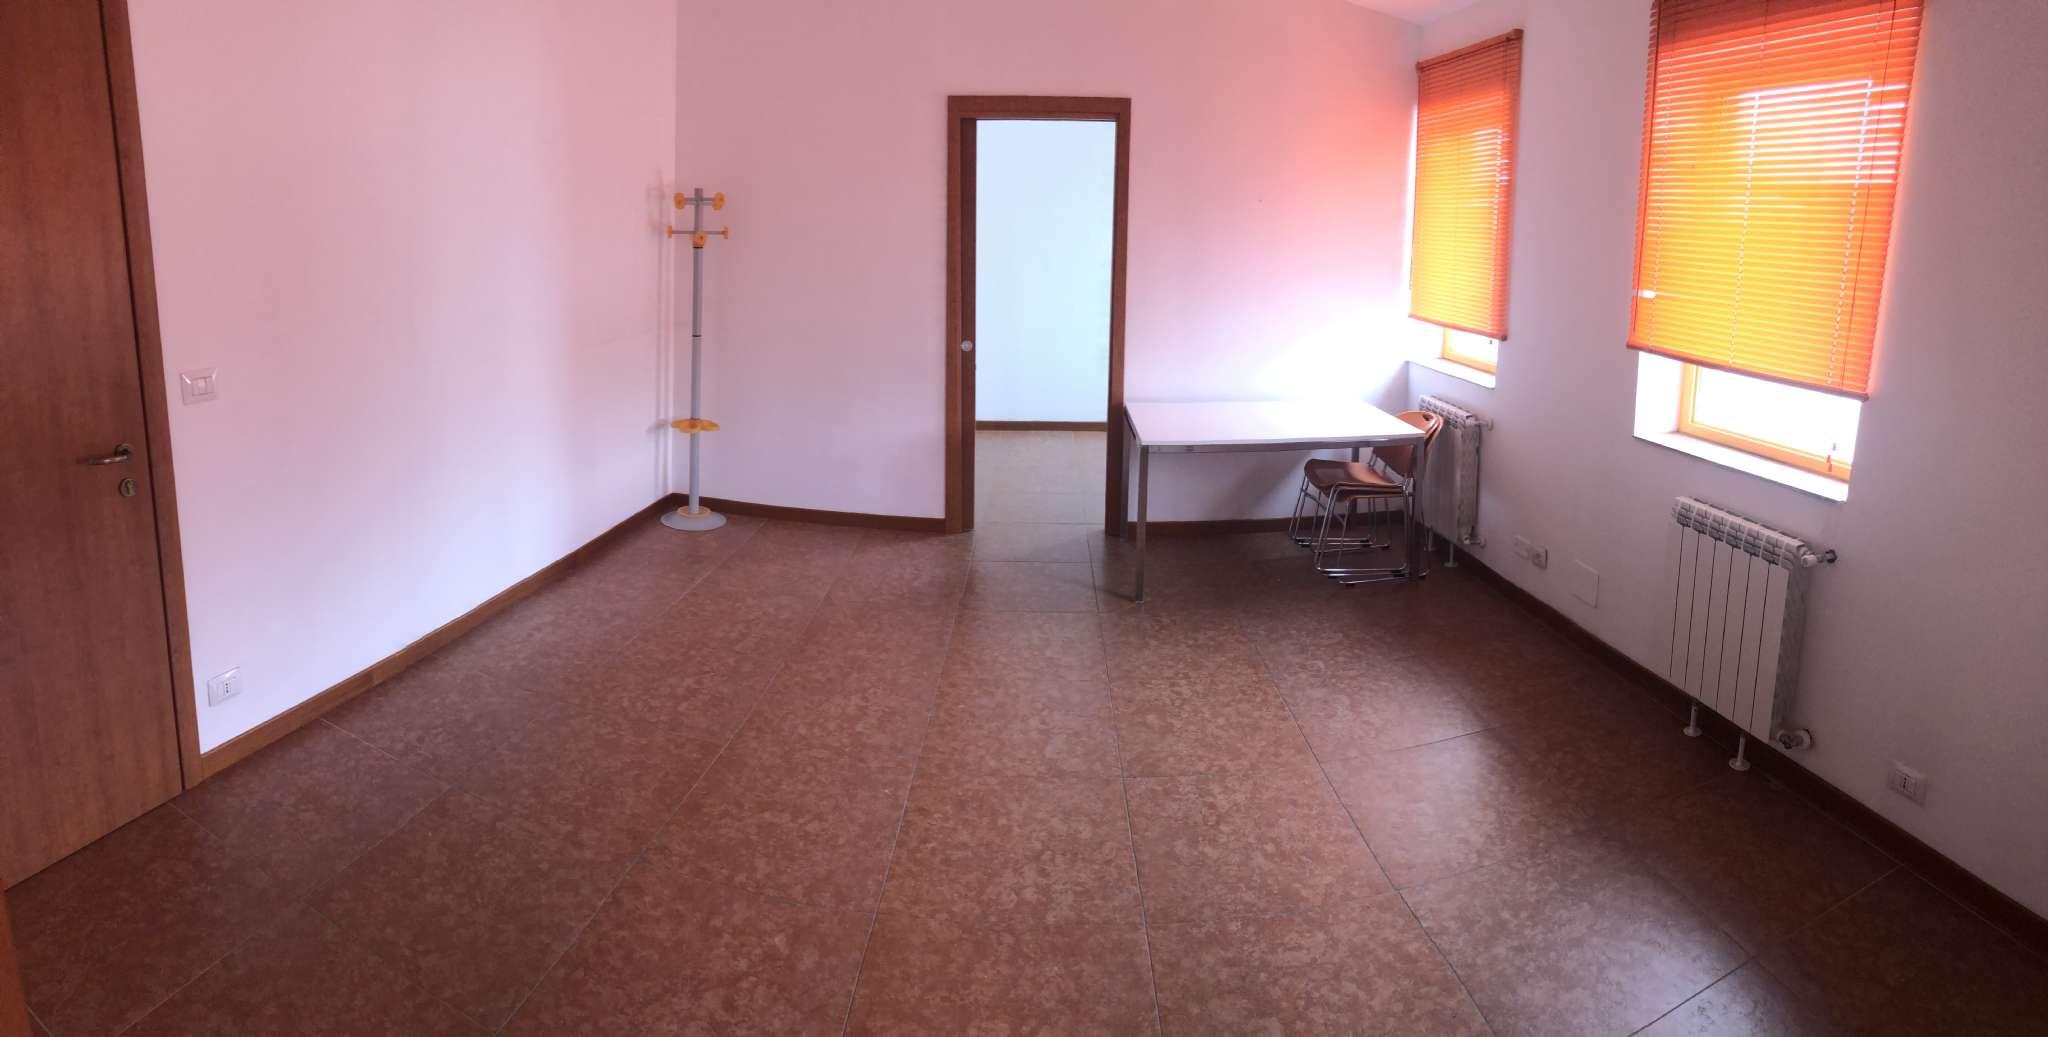 Ufficio / Studio in affitto a Moncalieri, 2 locali, prezzo € 250   PortaleAgenzieImmobiliari.it